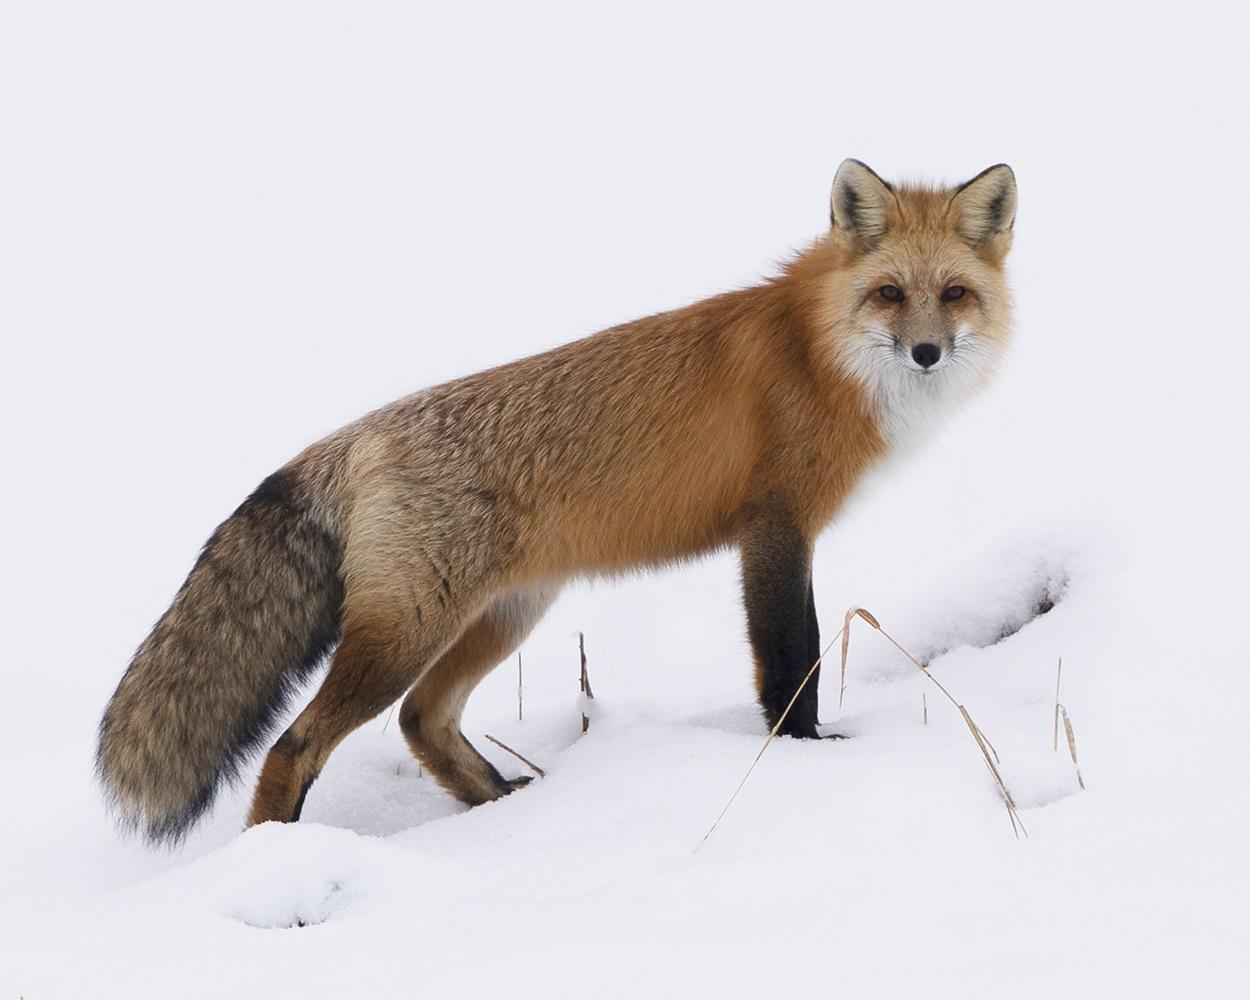 Red Fox_MCR-212_2X0A9225.tiff